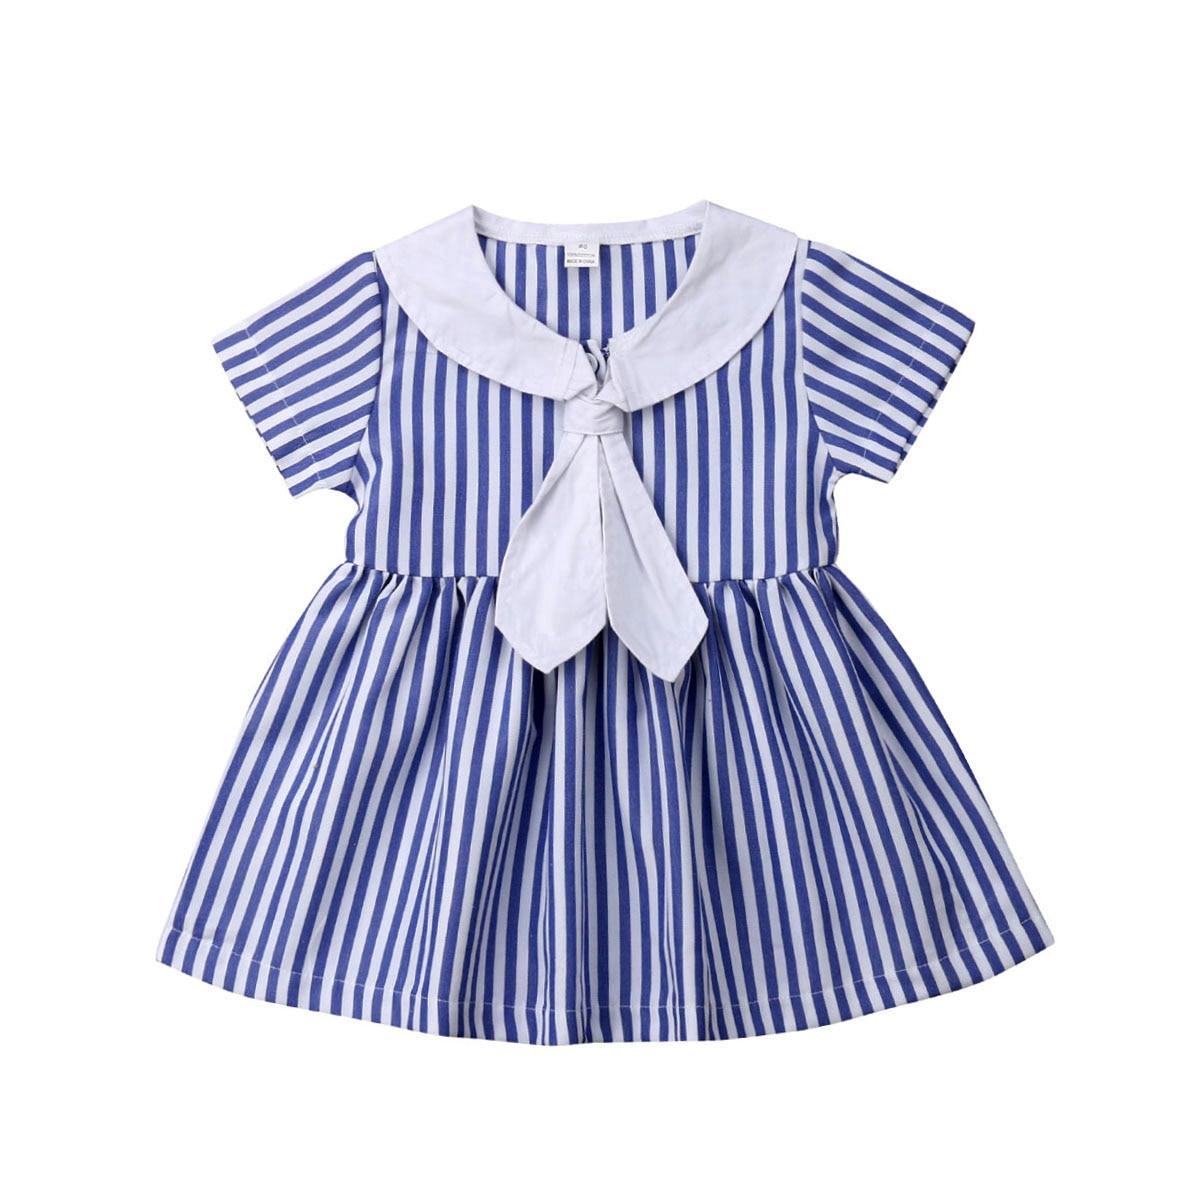 Одежда для маленьких девочек платье в полоску с короткими рукавами и галстуком вечерние сарафаны принцессы От 0 до 6 лет - Цвет: Синий